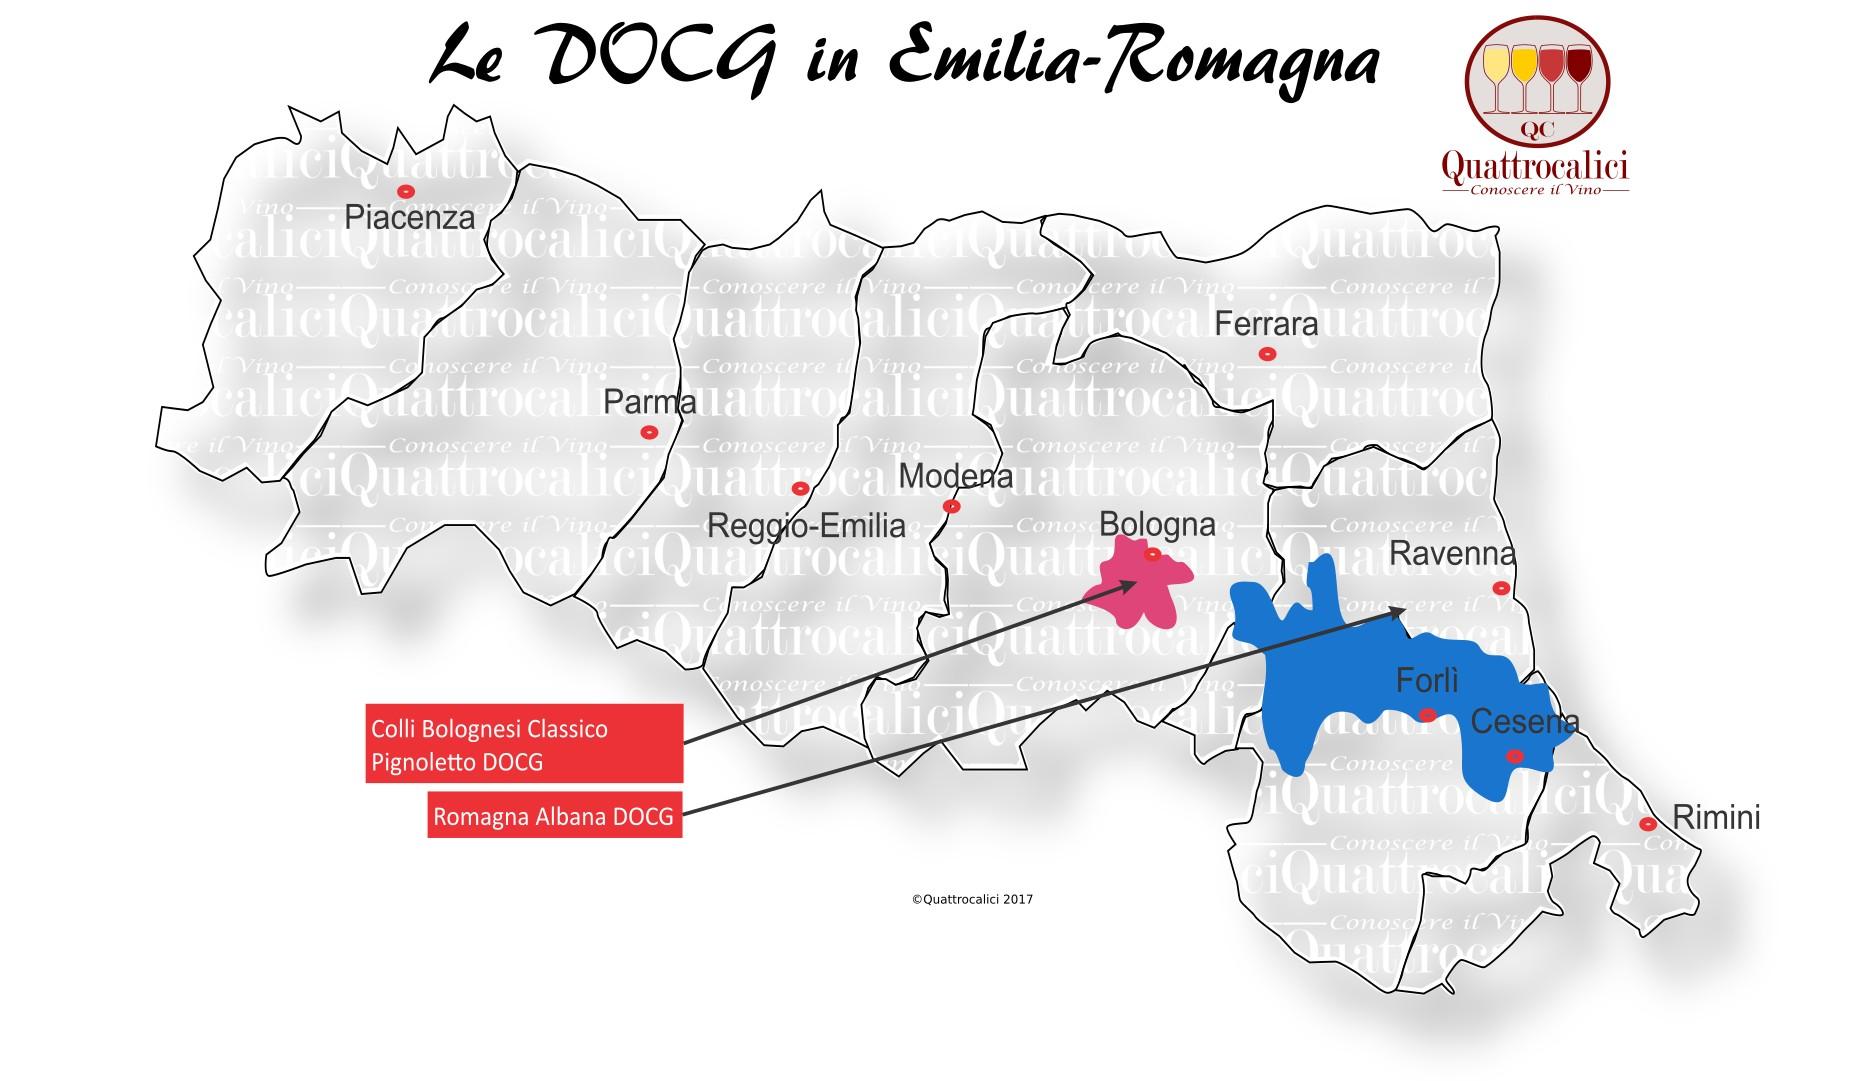 Mappa Denominazioni DOCG Le Denominazioni di Origine in Emilia-Romagna